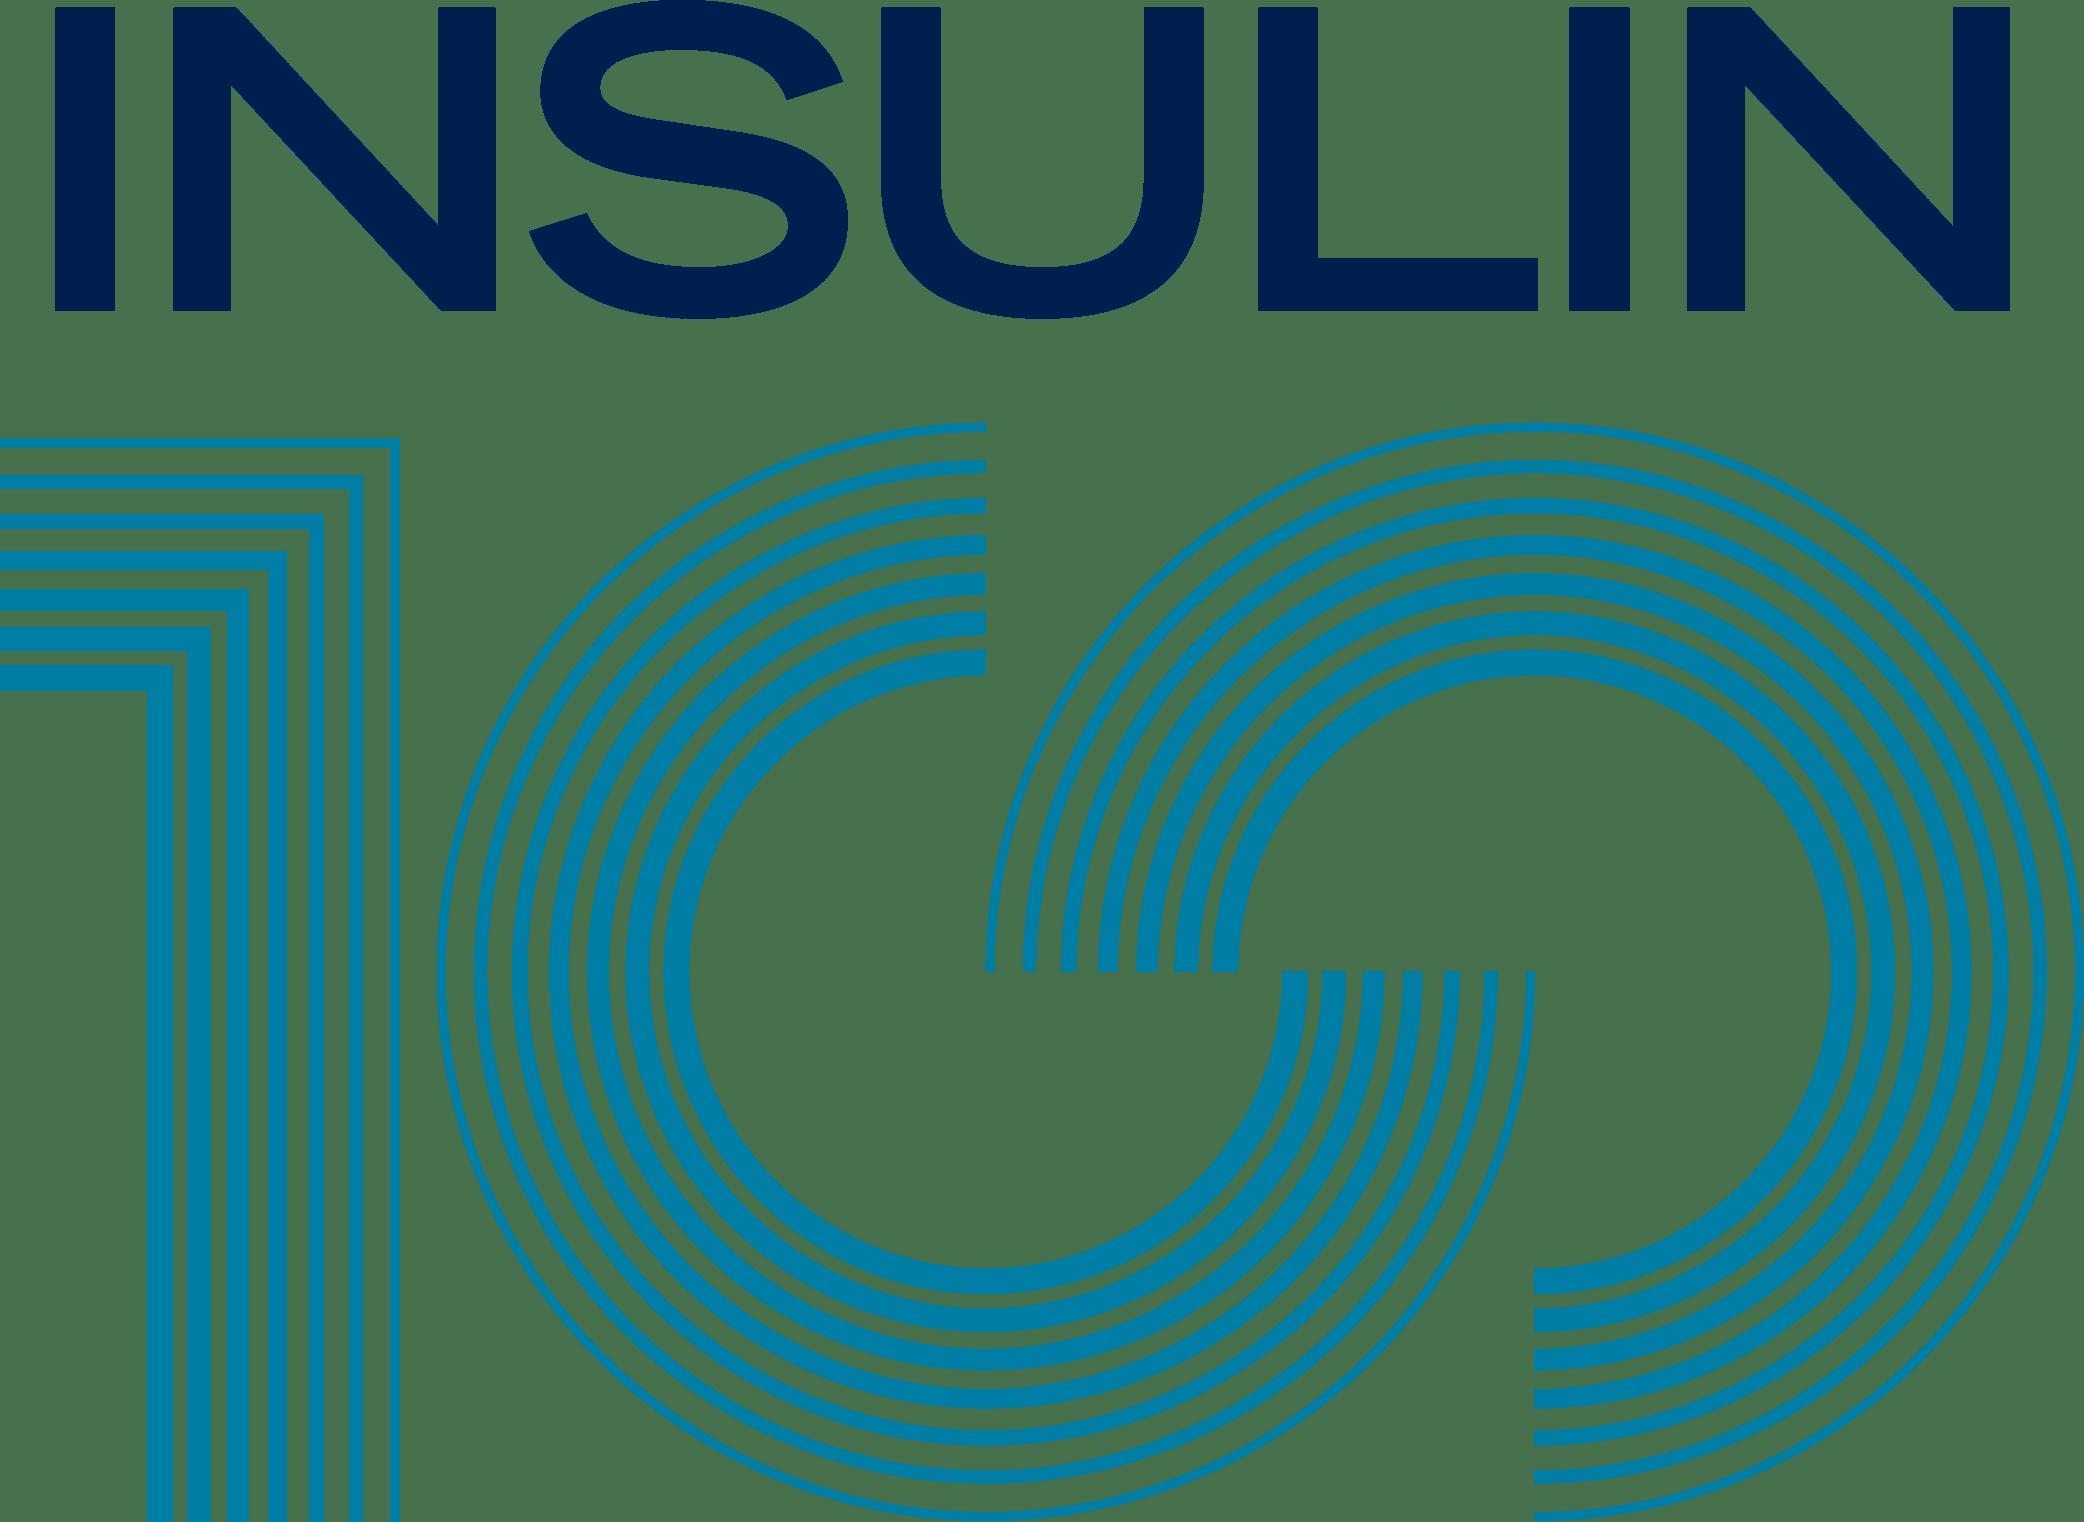 Insulin 100